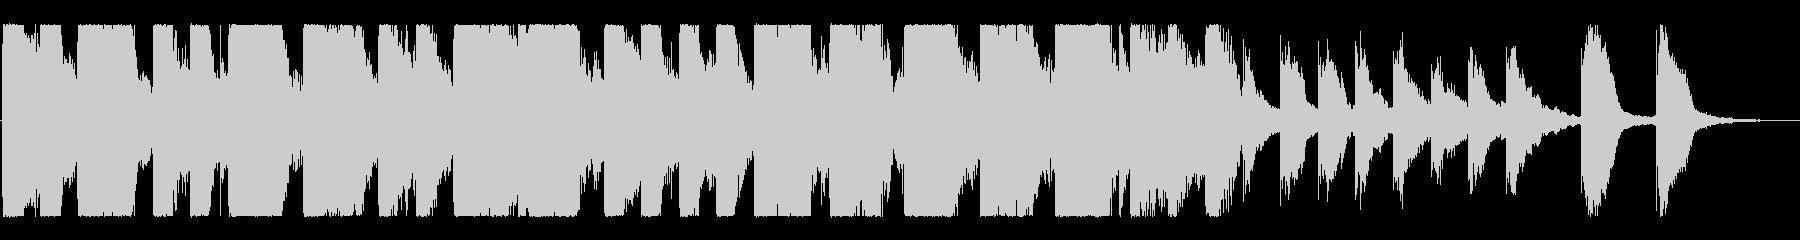 ポップで明るい「ジングルベル」ロゴ ♪の未再生の波形